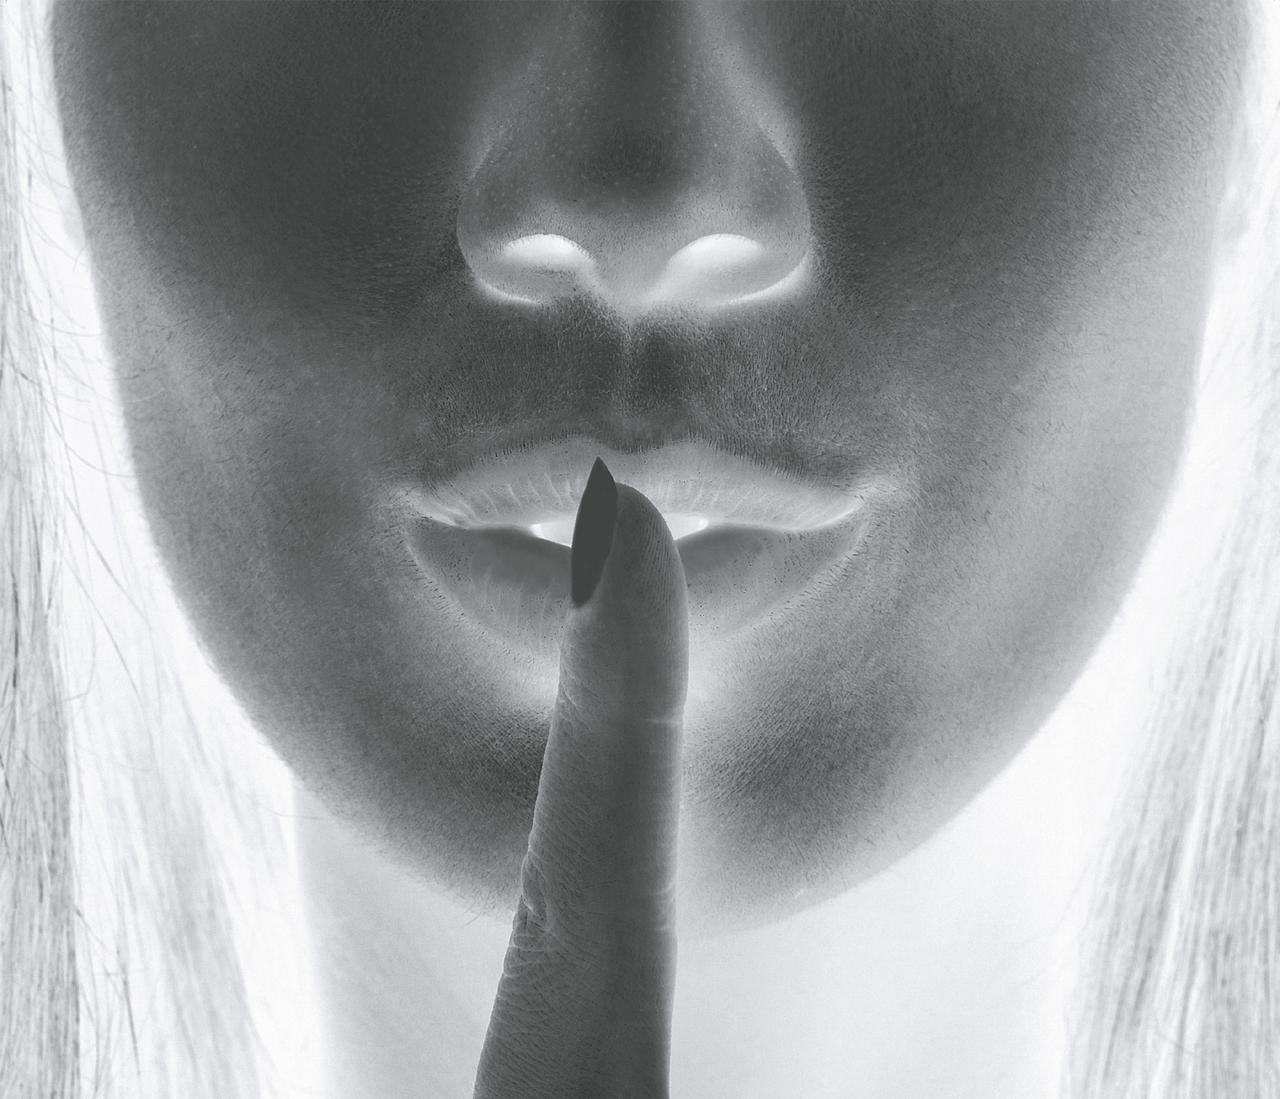 Ausstellungsplakat Schamlos? Sexualmoral im Wandel